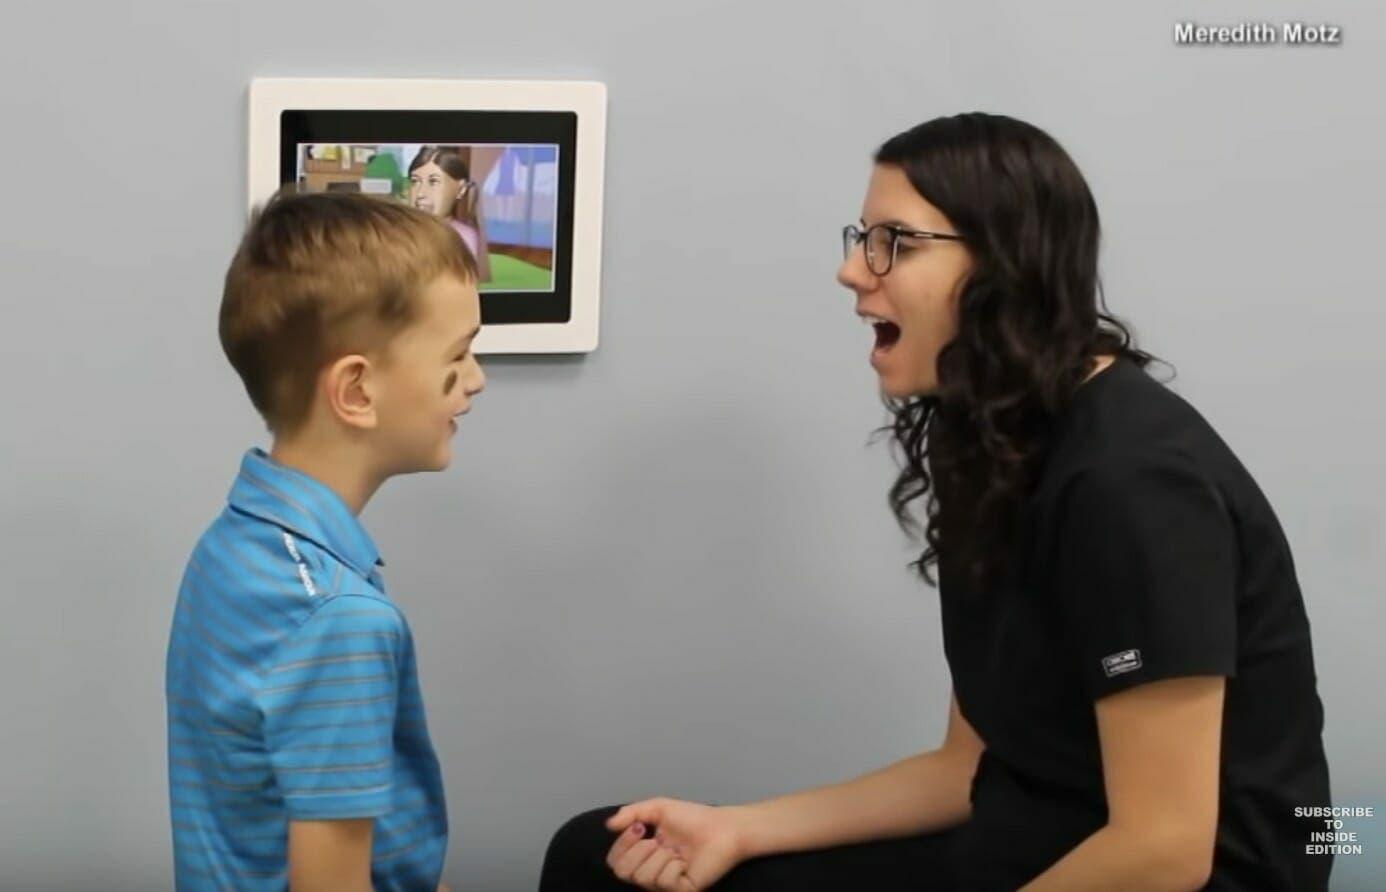 Les parents sont convaincus que leur enfant de 6 ans ne peut pas parler, jusqu'à ce qu'il aille chez le dentiste.